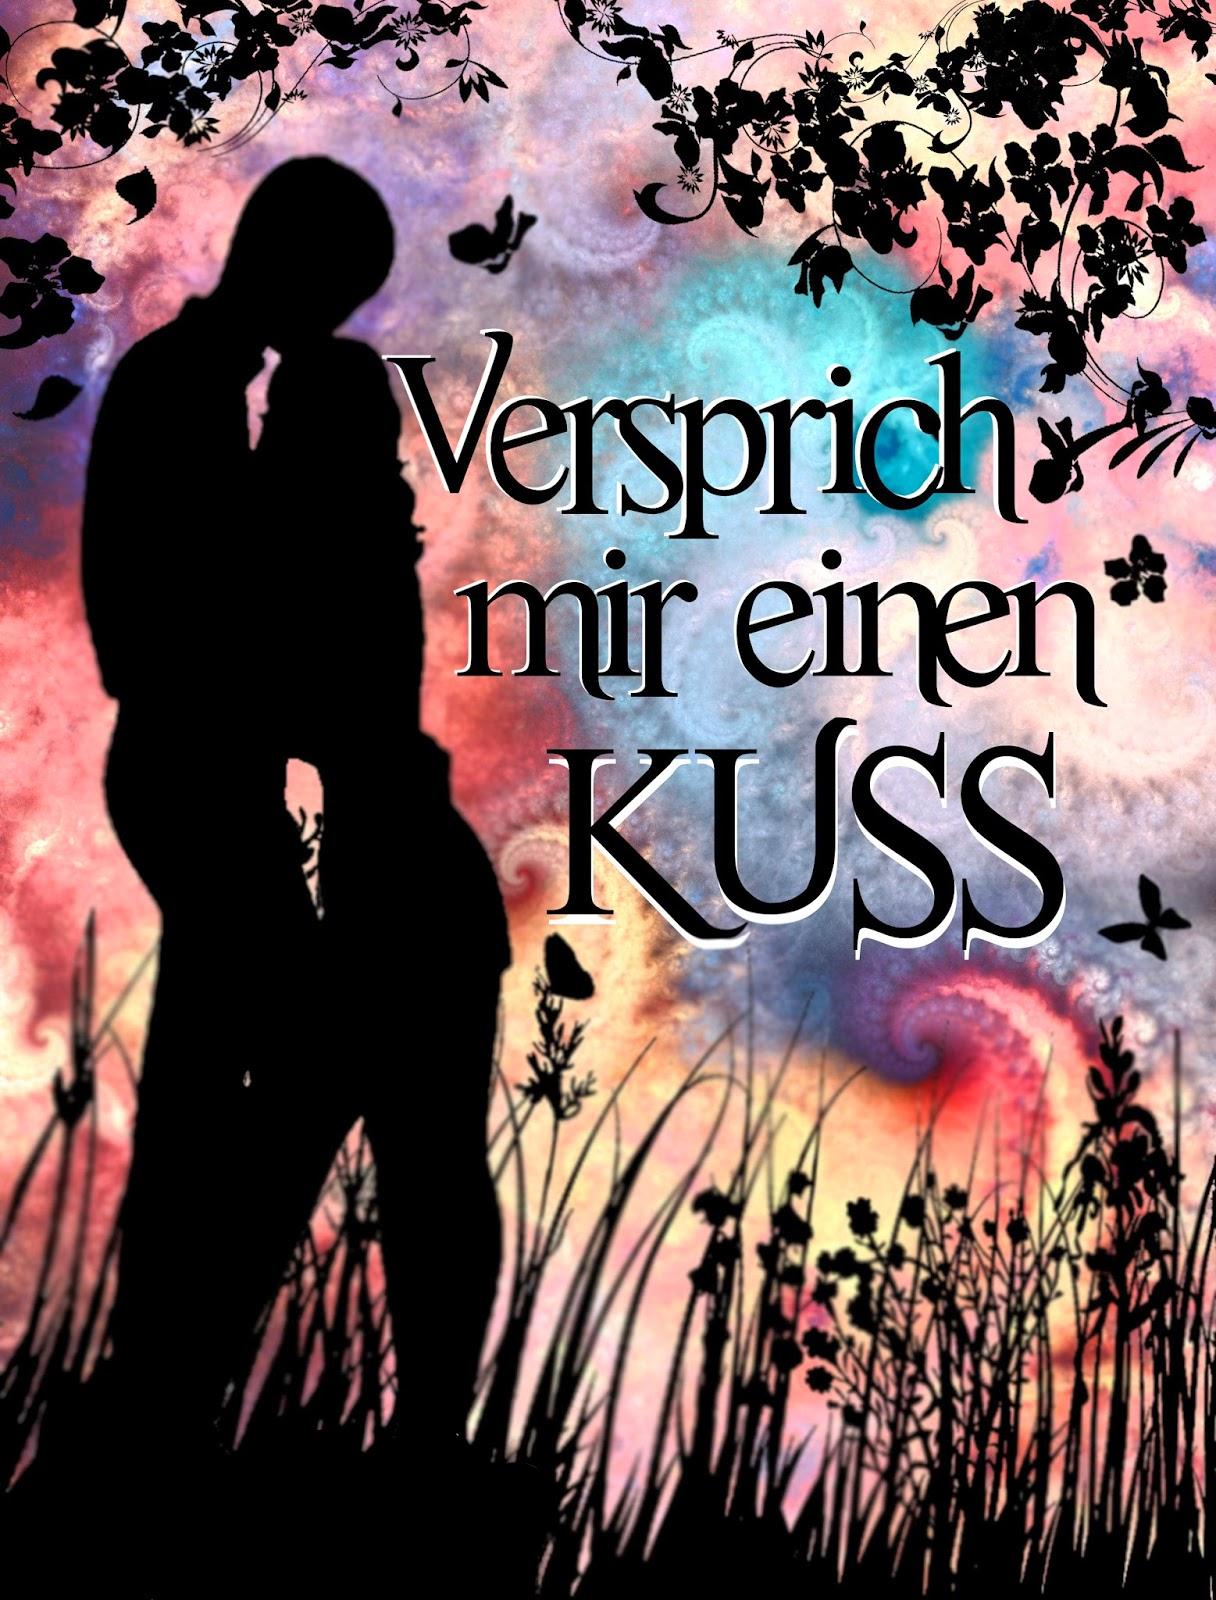 http://www.amazon.de/Versprich-einen-Kuss-Anna-Fricke-ebook/dp/B00LC5T7AQ/ref=sr_1_1?ie=UTF8&qid=1404073289&sr=8-1&keywords=versprich+mir+einen+kuss